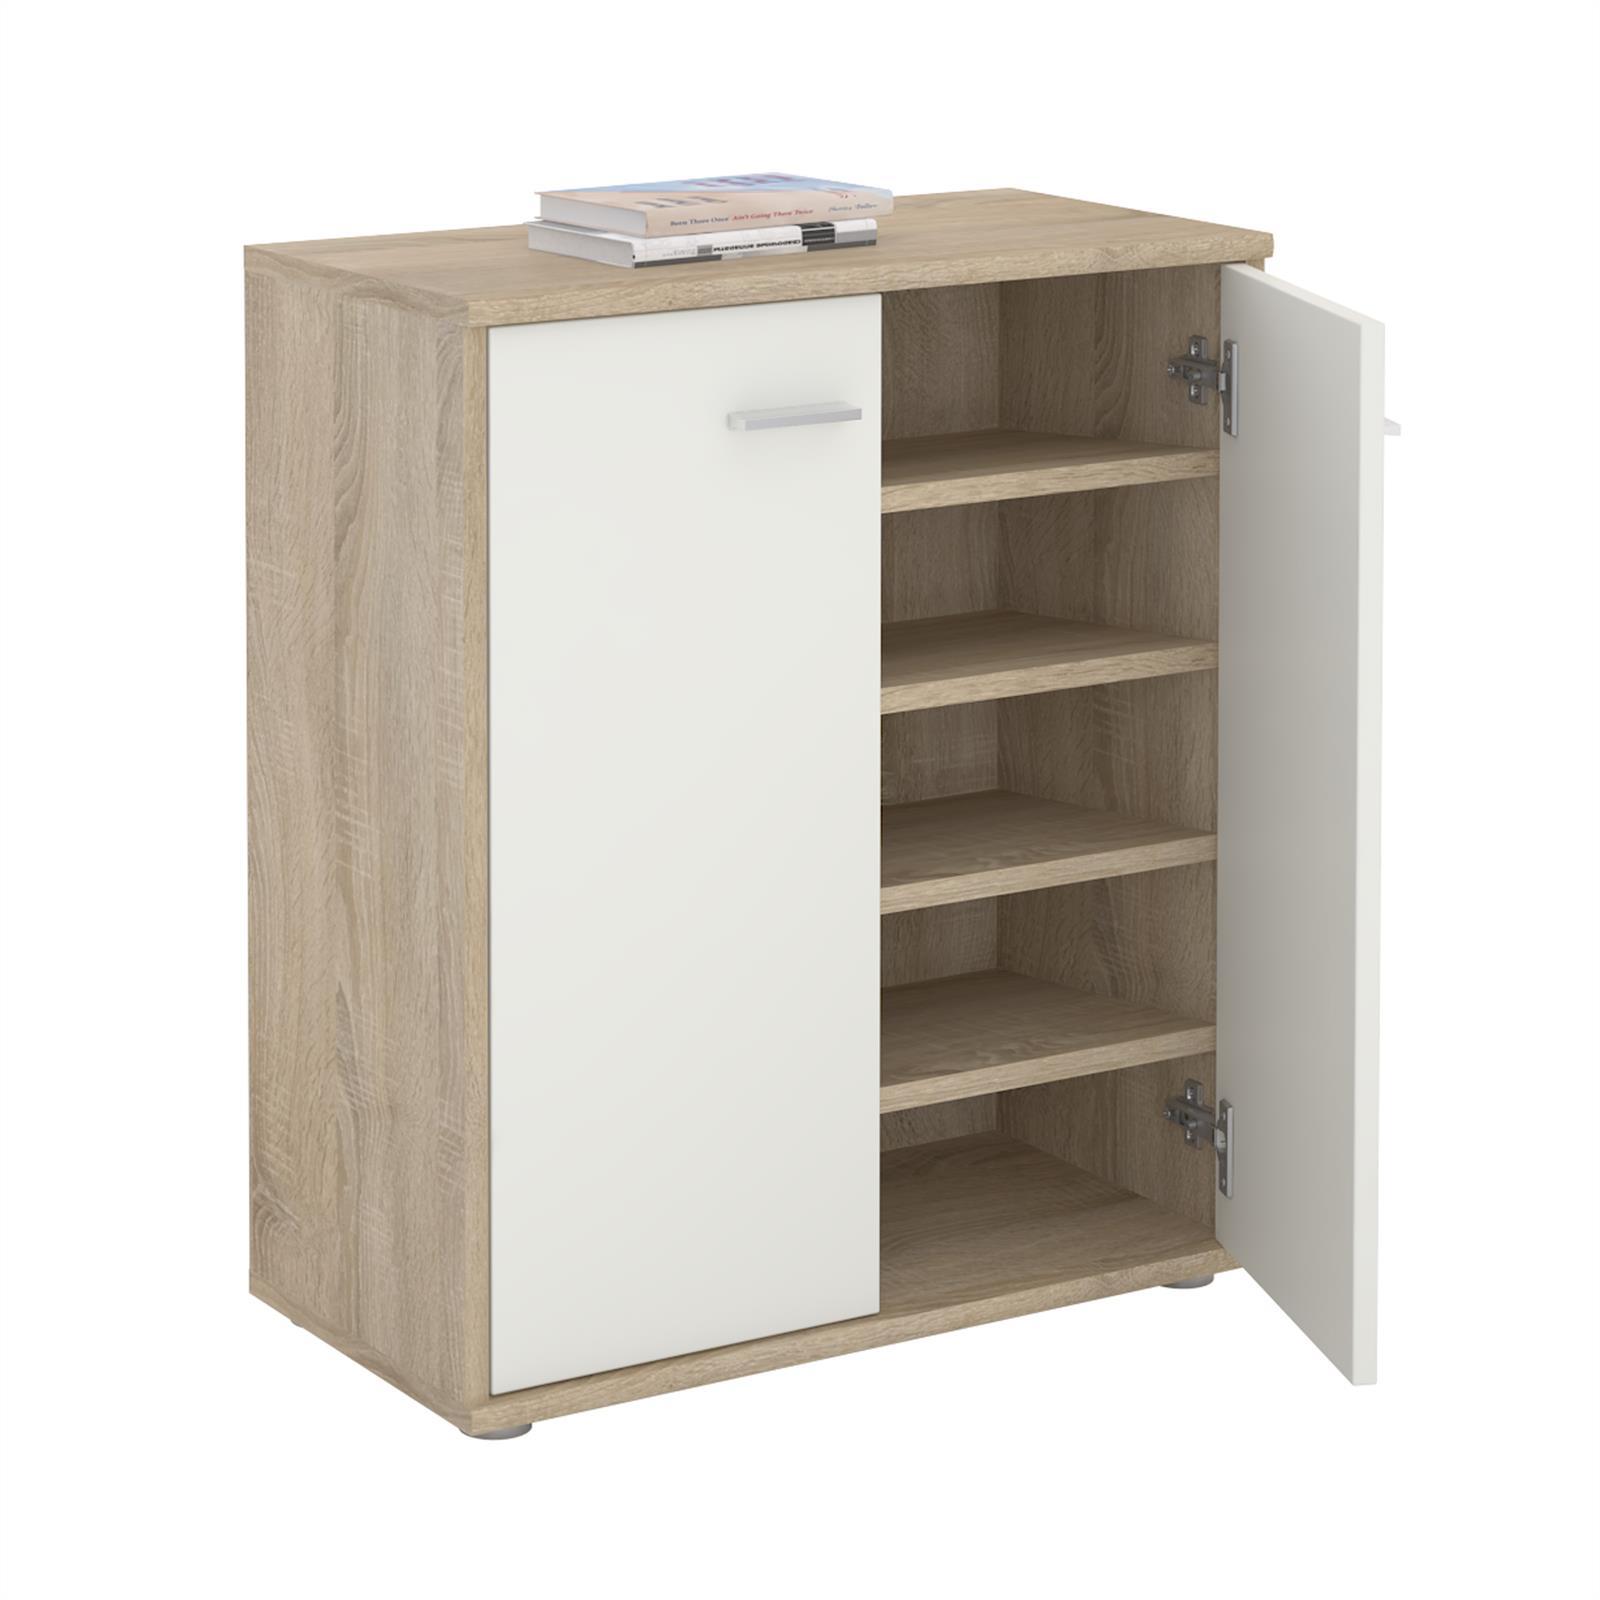 schuhschrank lennis 2 t ren in sonoma eiche wei caro m bel. Black Bedroom Furniture Sets. Home Design Ideas